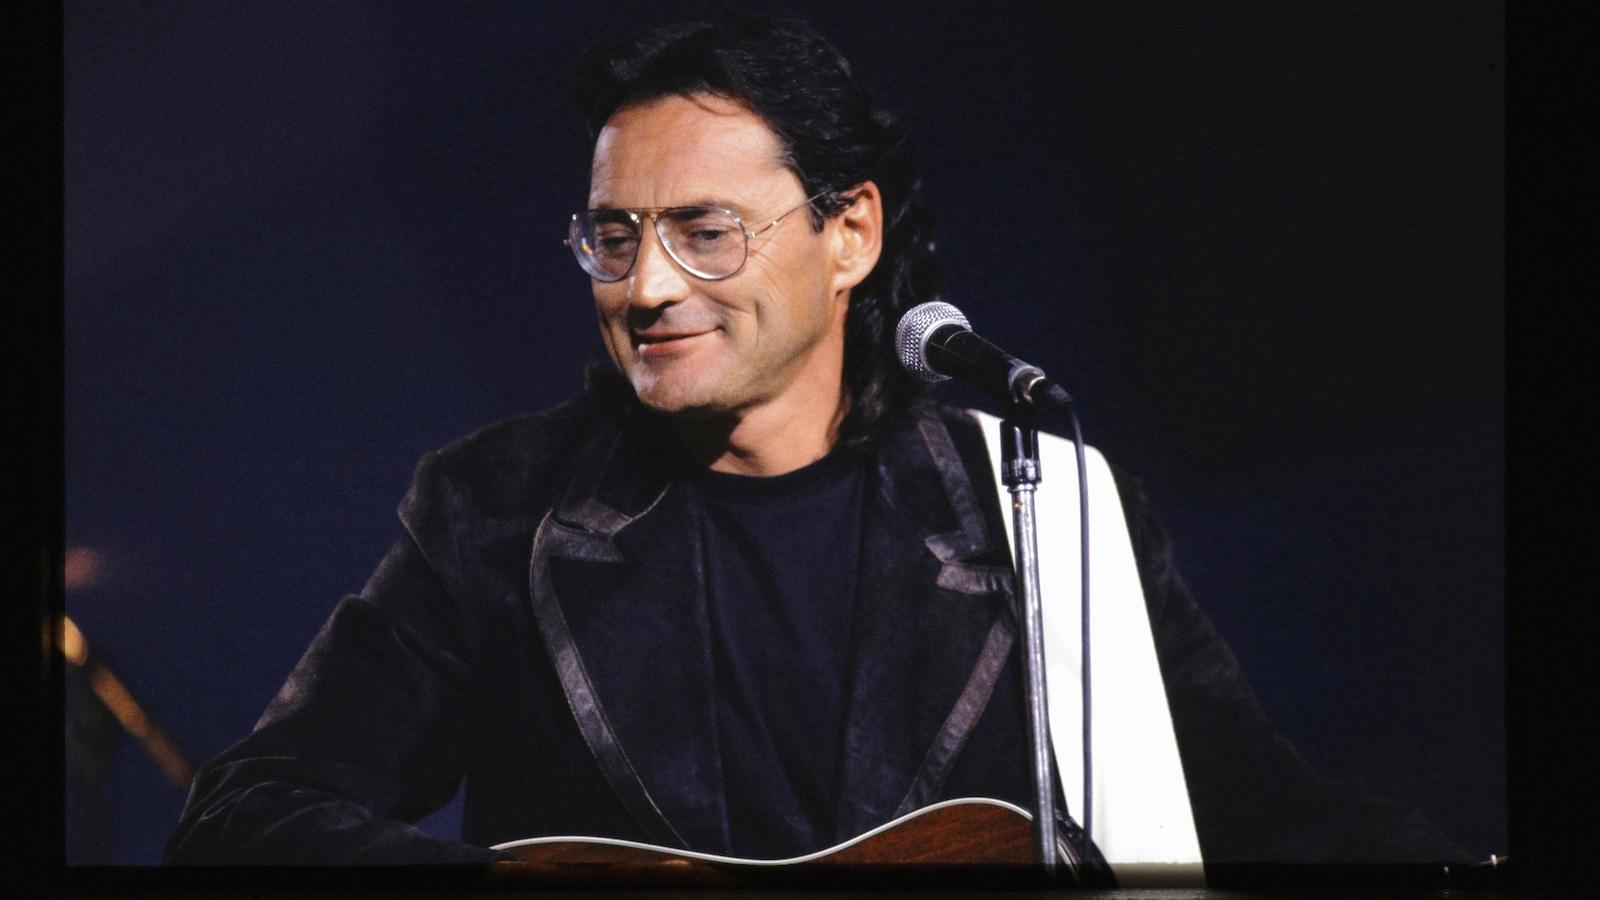 Le musicien est sur scène et sourit devant un micro.